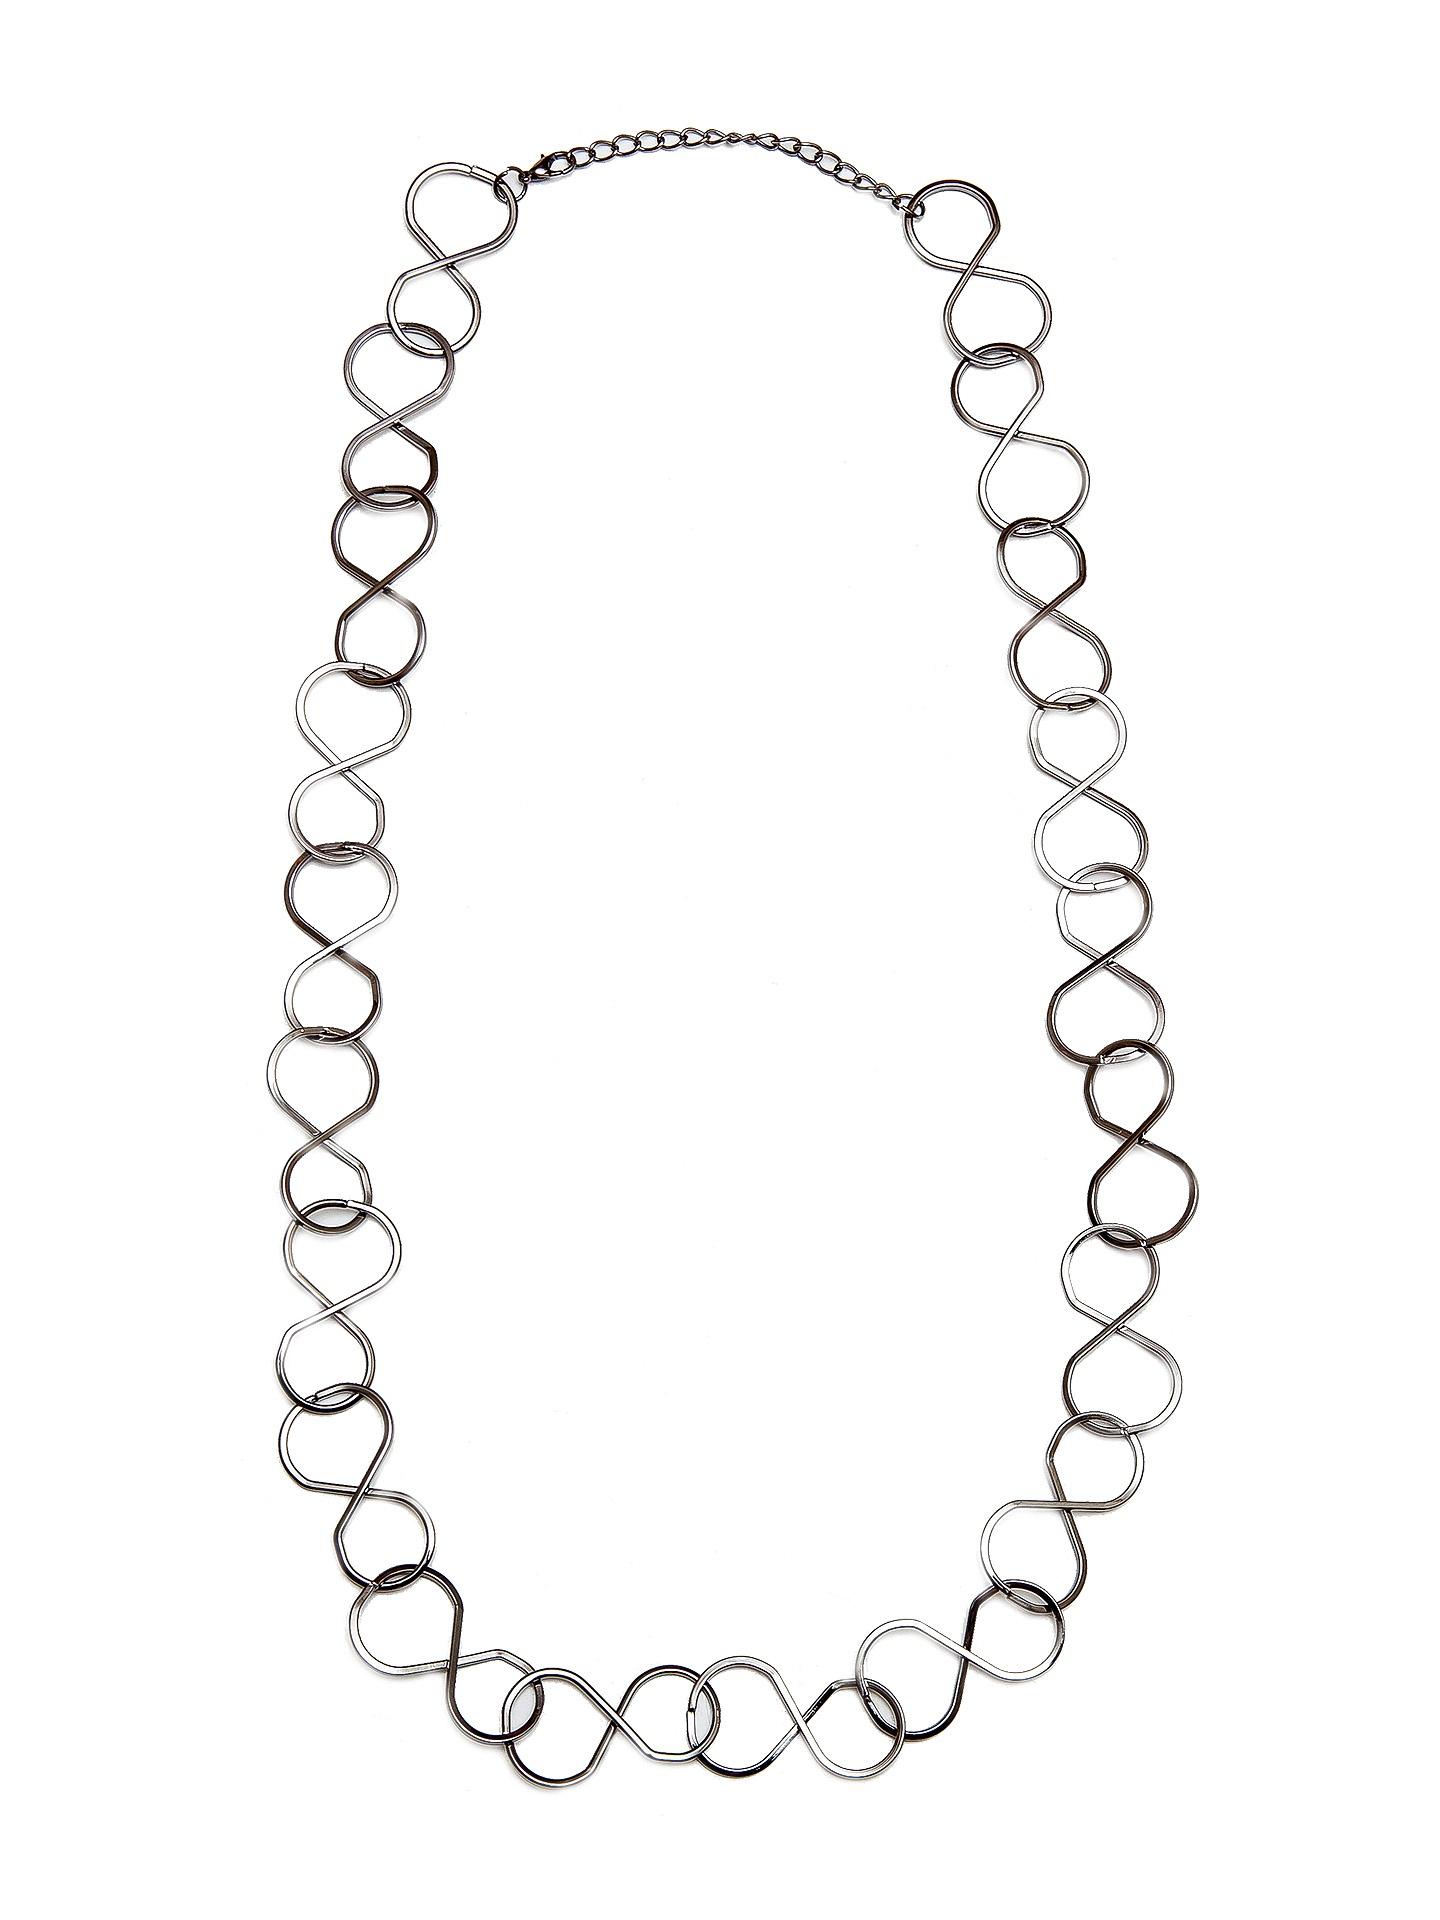 Колье/ожерелье бижутерное Evoize Melair